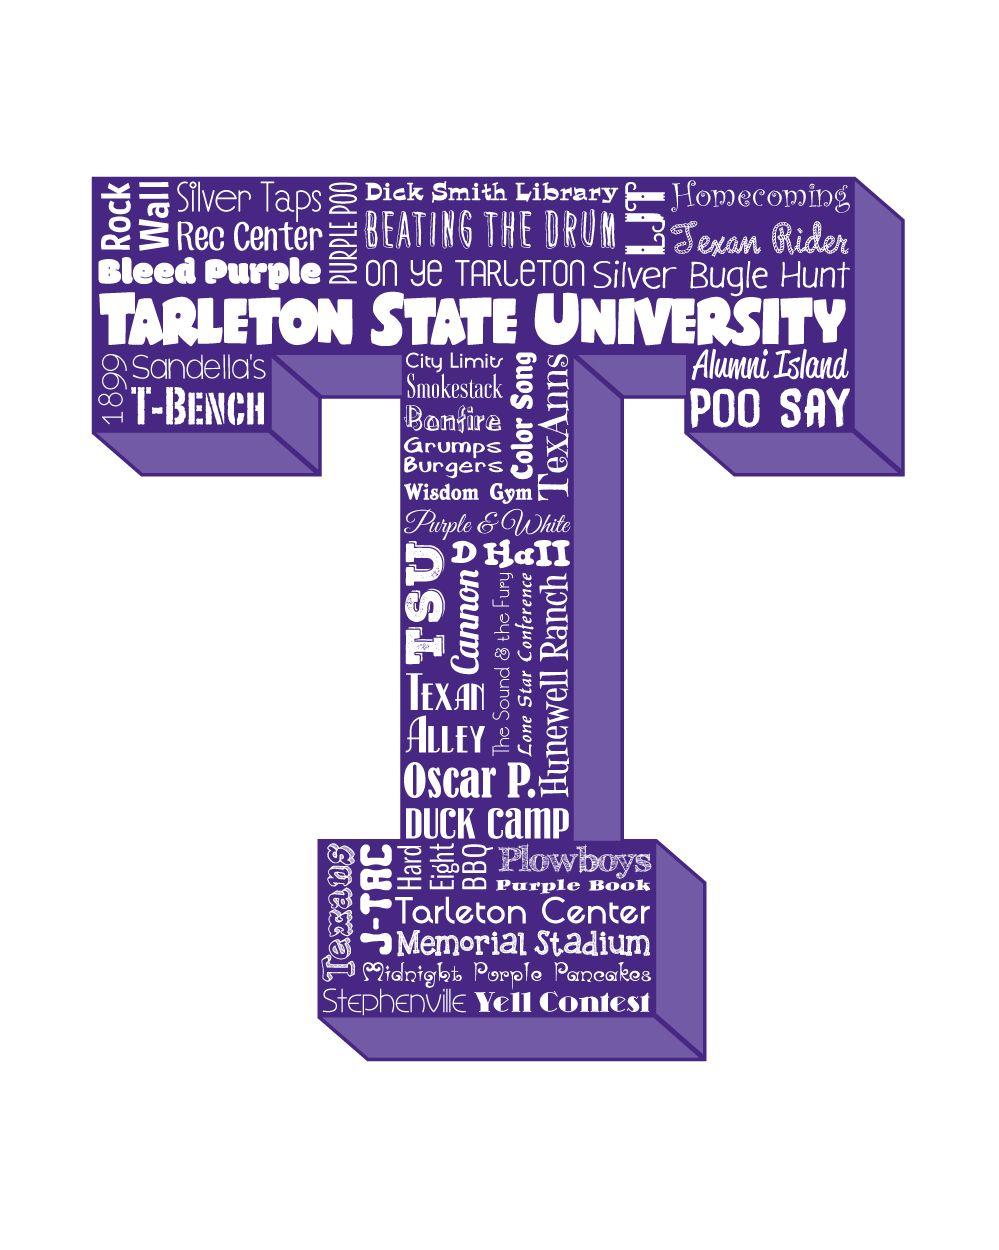 Tarleton State Map.Original Artwork Using Words To Describe Tarleton State University